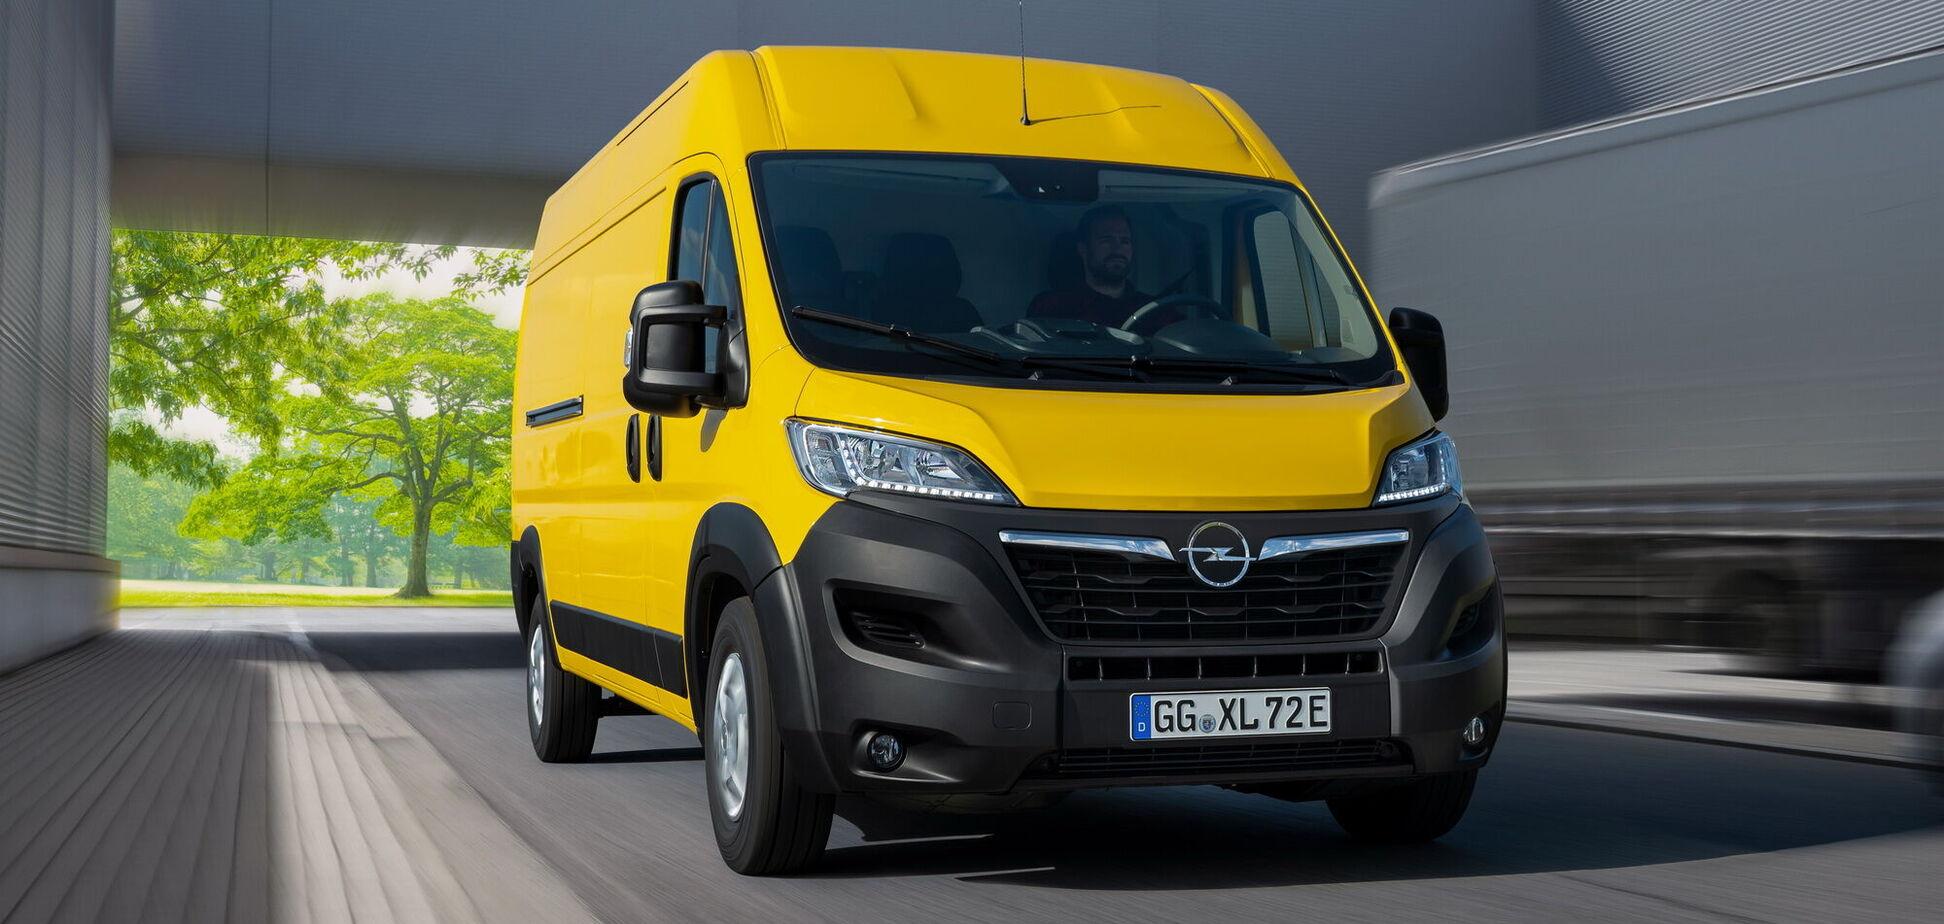 Opel представив нове покоління фургона Movano